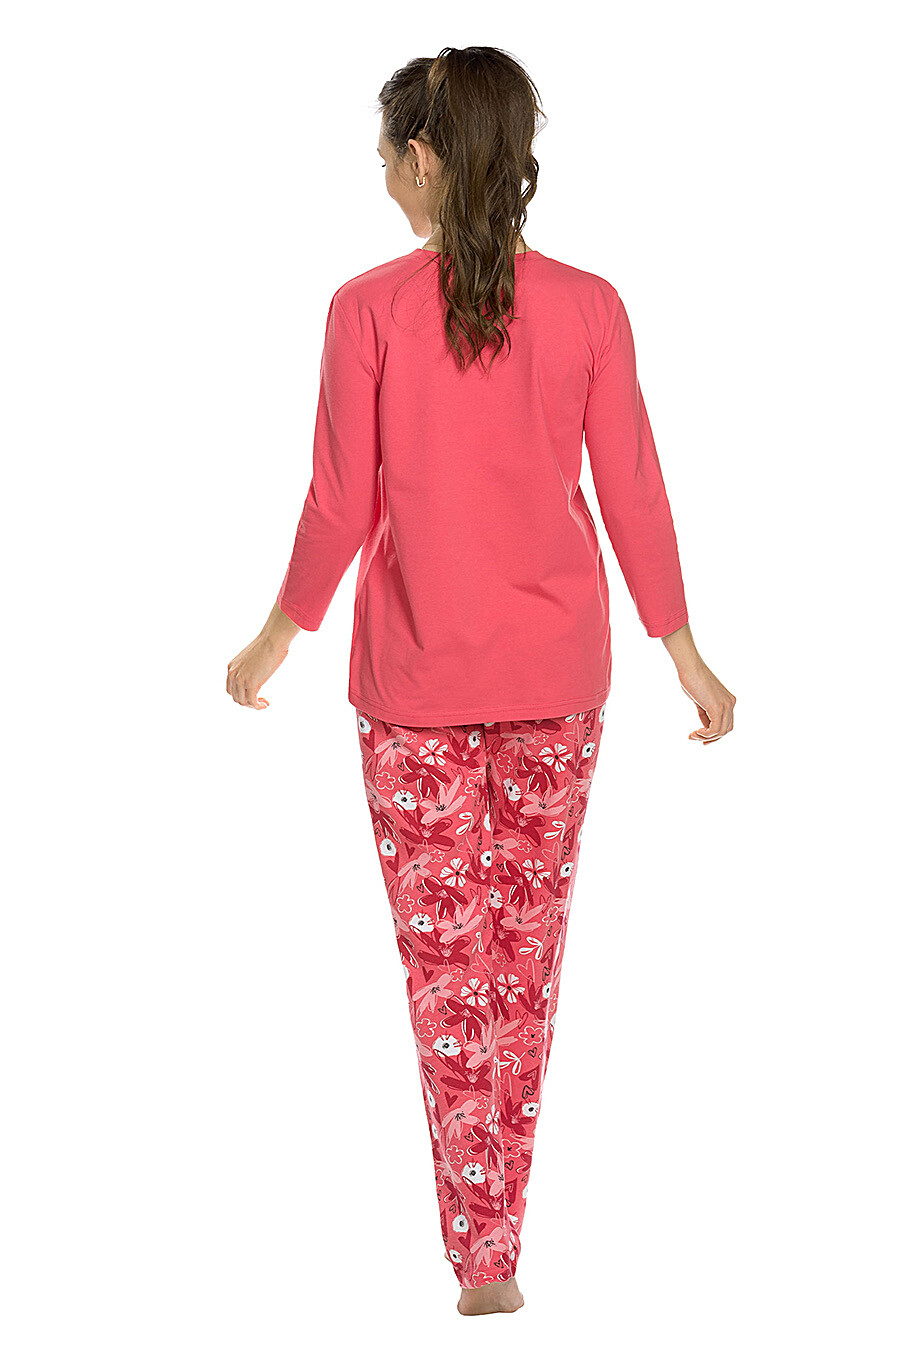 Комплект (Брюки+Джемпер) для женщин PELICAN 146697 купить оптом от производителя. Совместная покупка женской одежды в OptMoyo